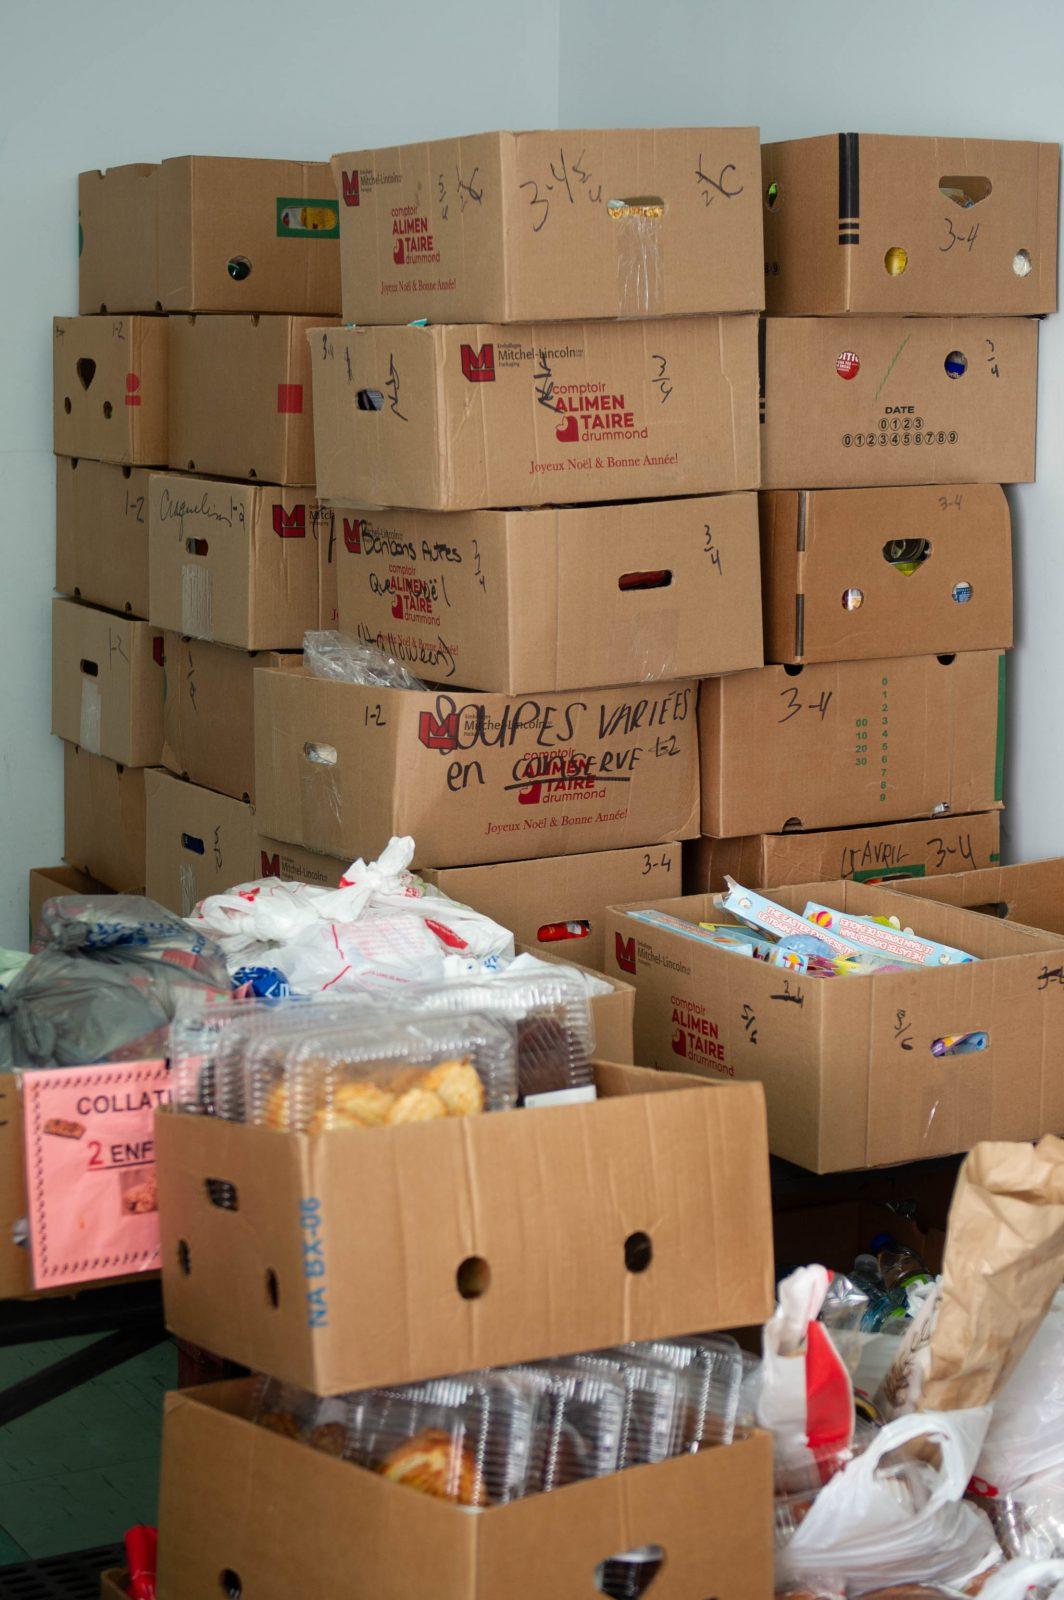 Une somme percutante de 300 554 $ récoltée pour le Comptoir alimentaire